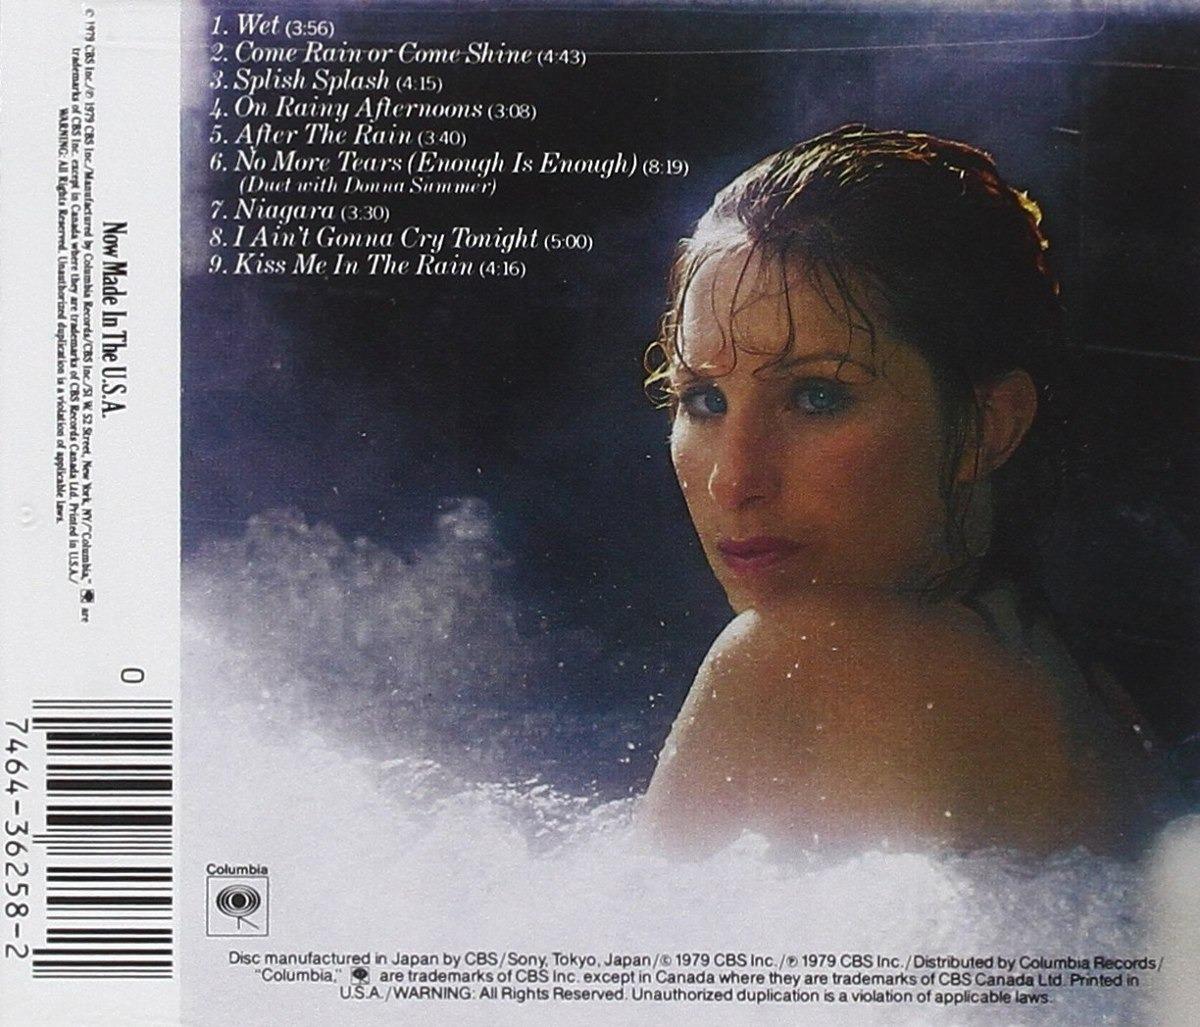 Barbra Streisand Cd Wet U s a Inc Dueto Donna Summer